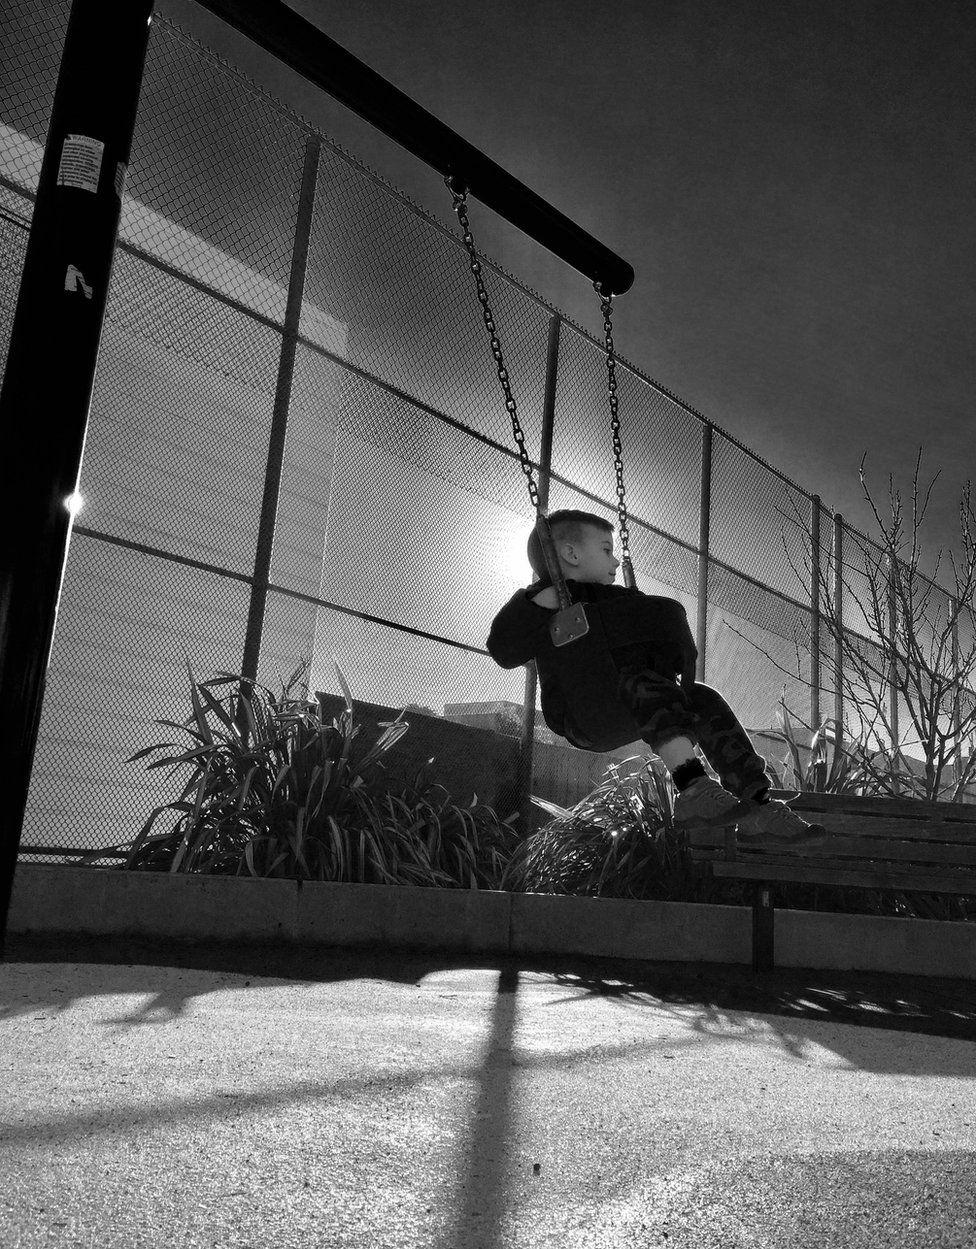 A boy plays on a swing